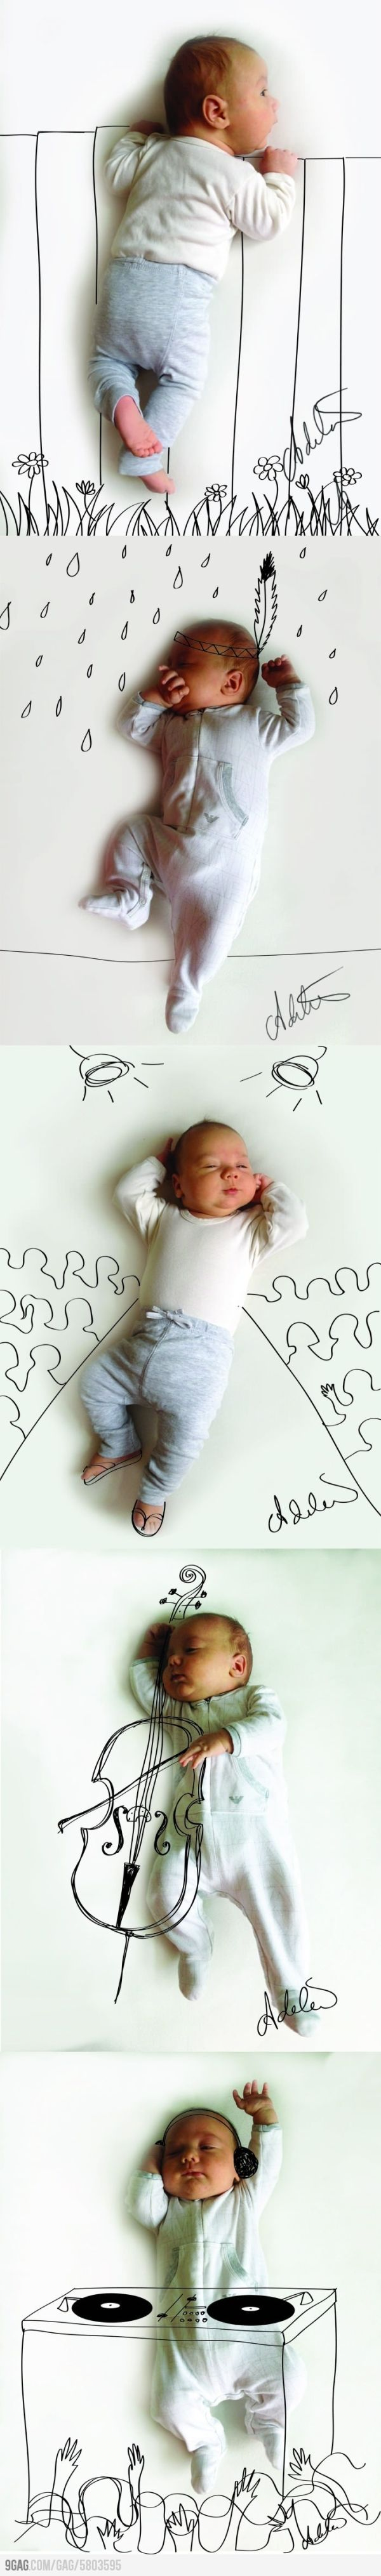 When My Baby Dreams photo idea